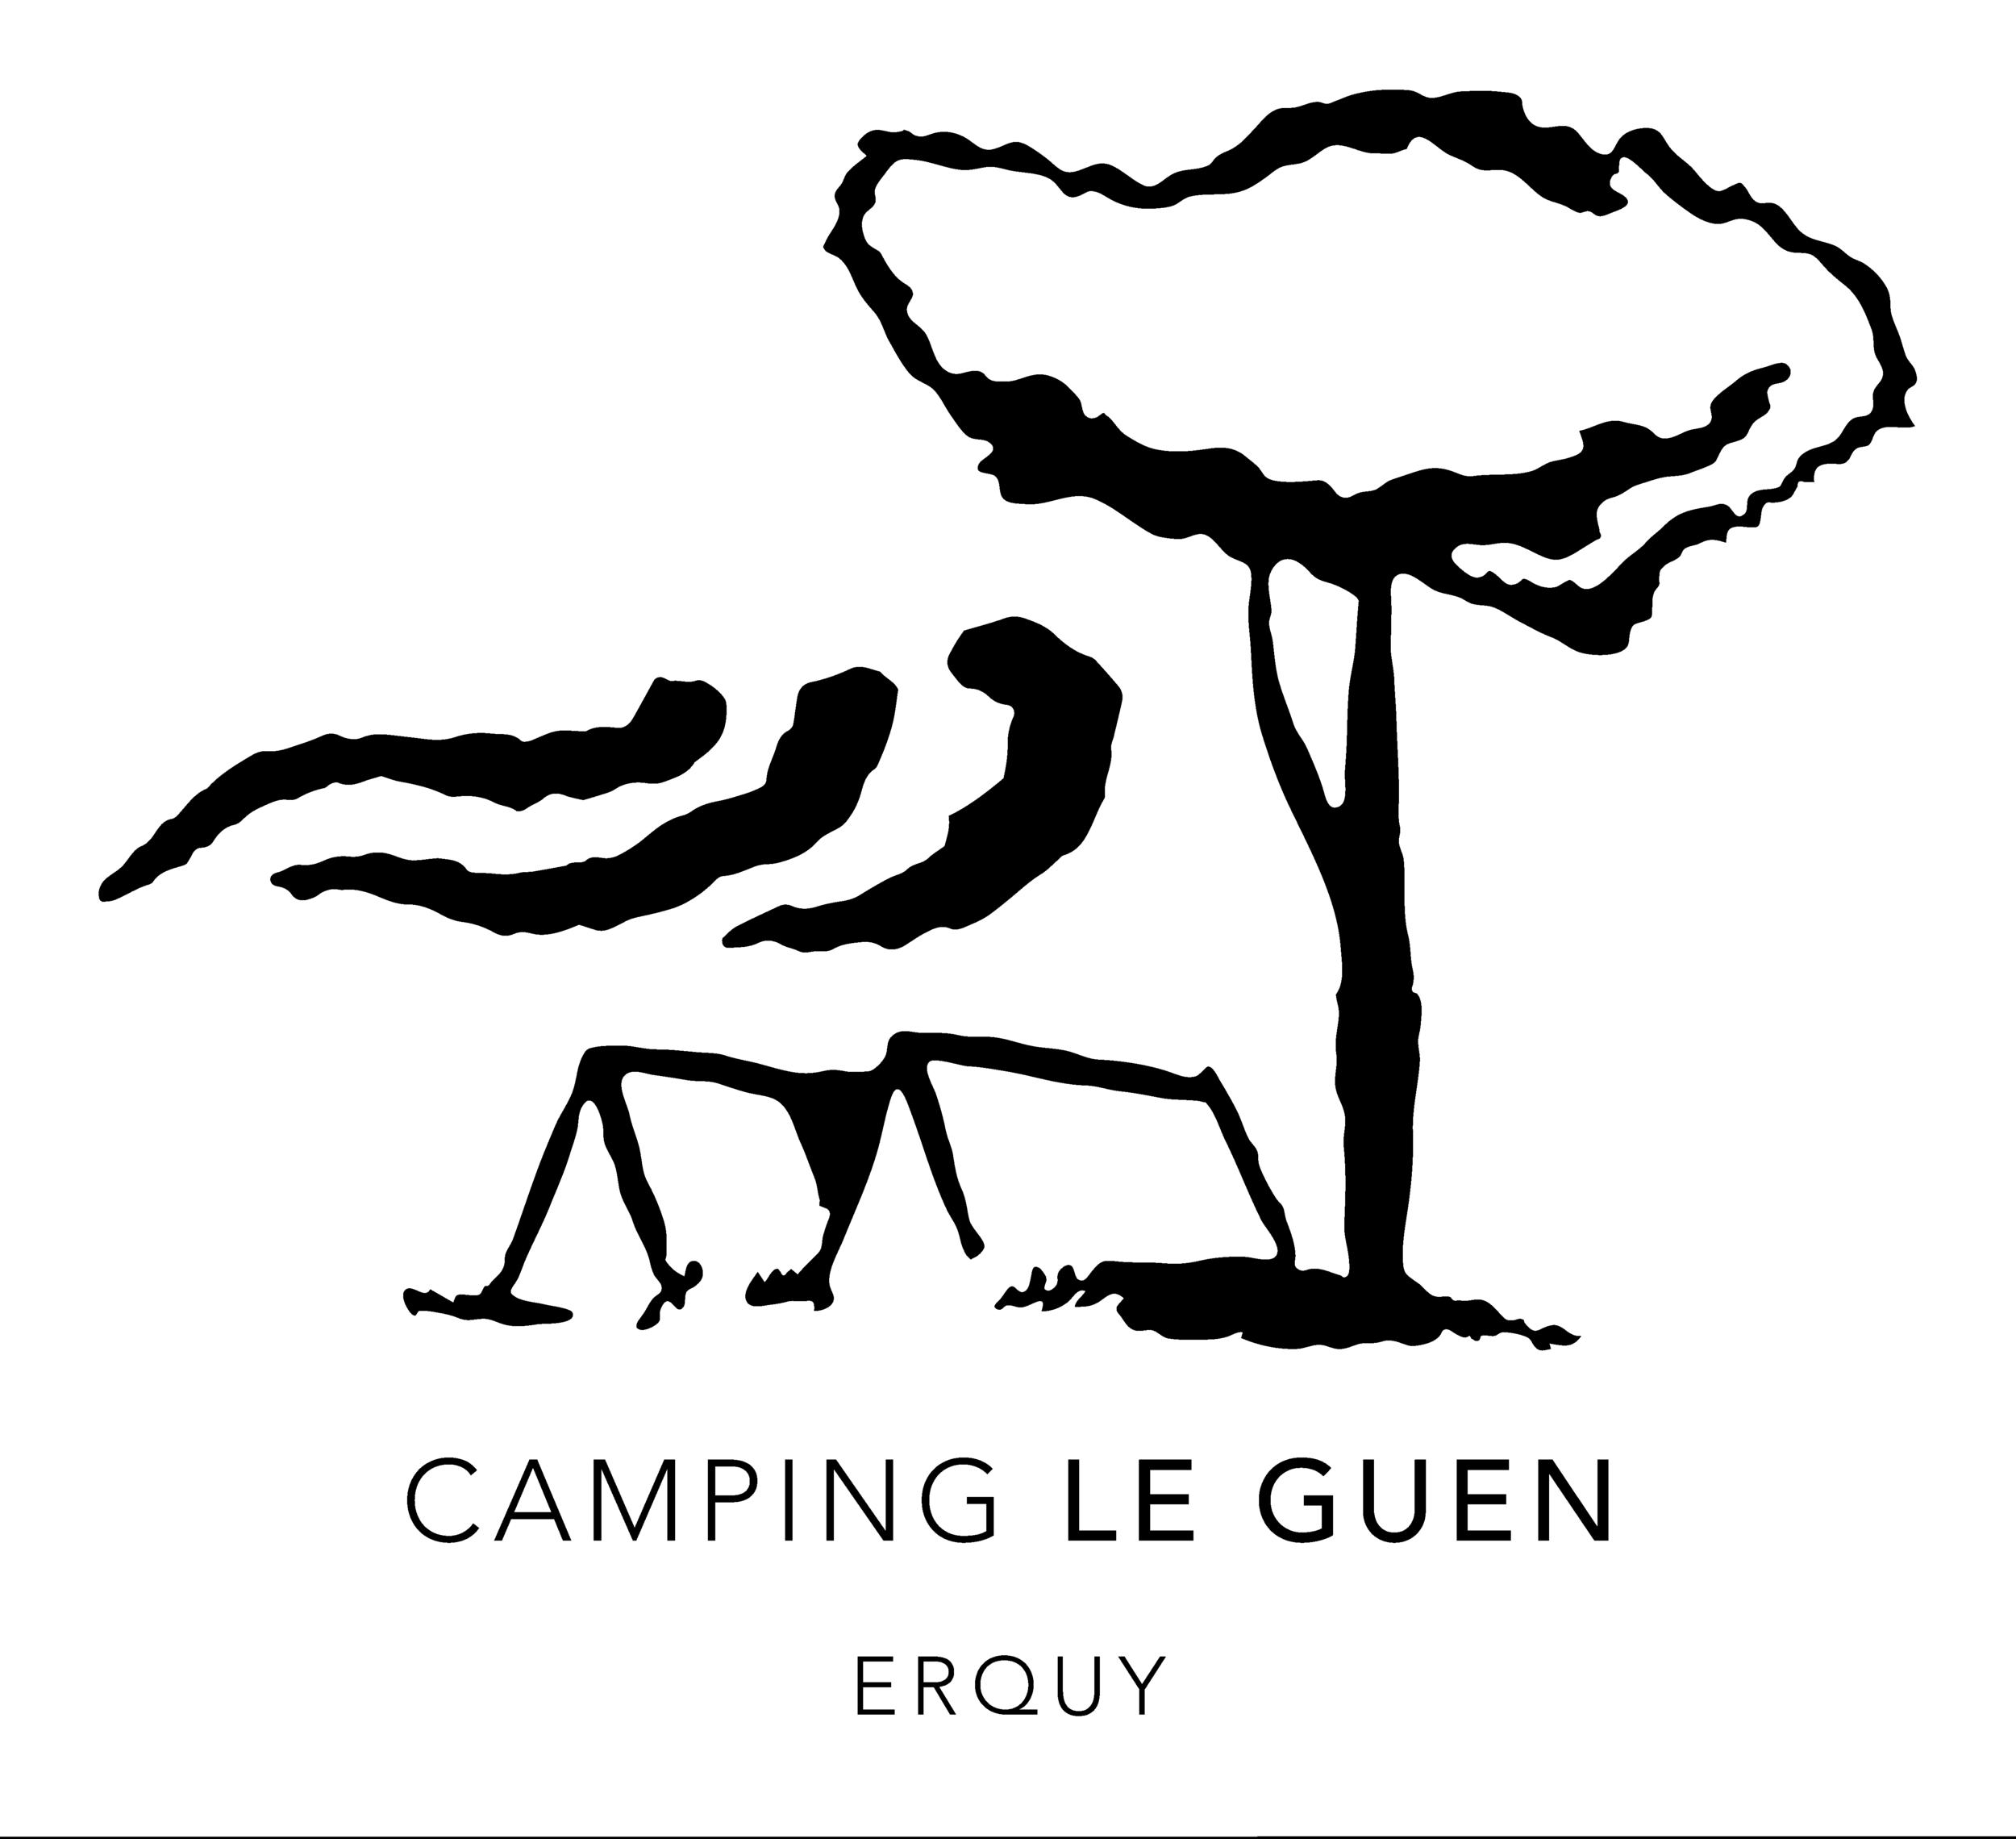 LOGO_LE_GUEN.png